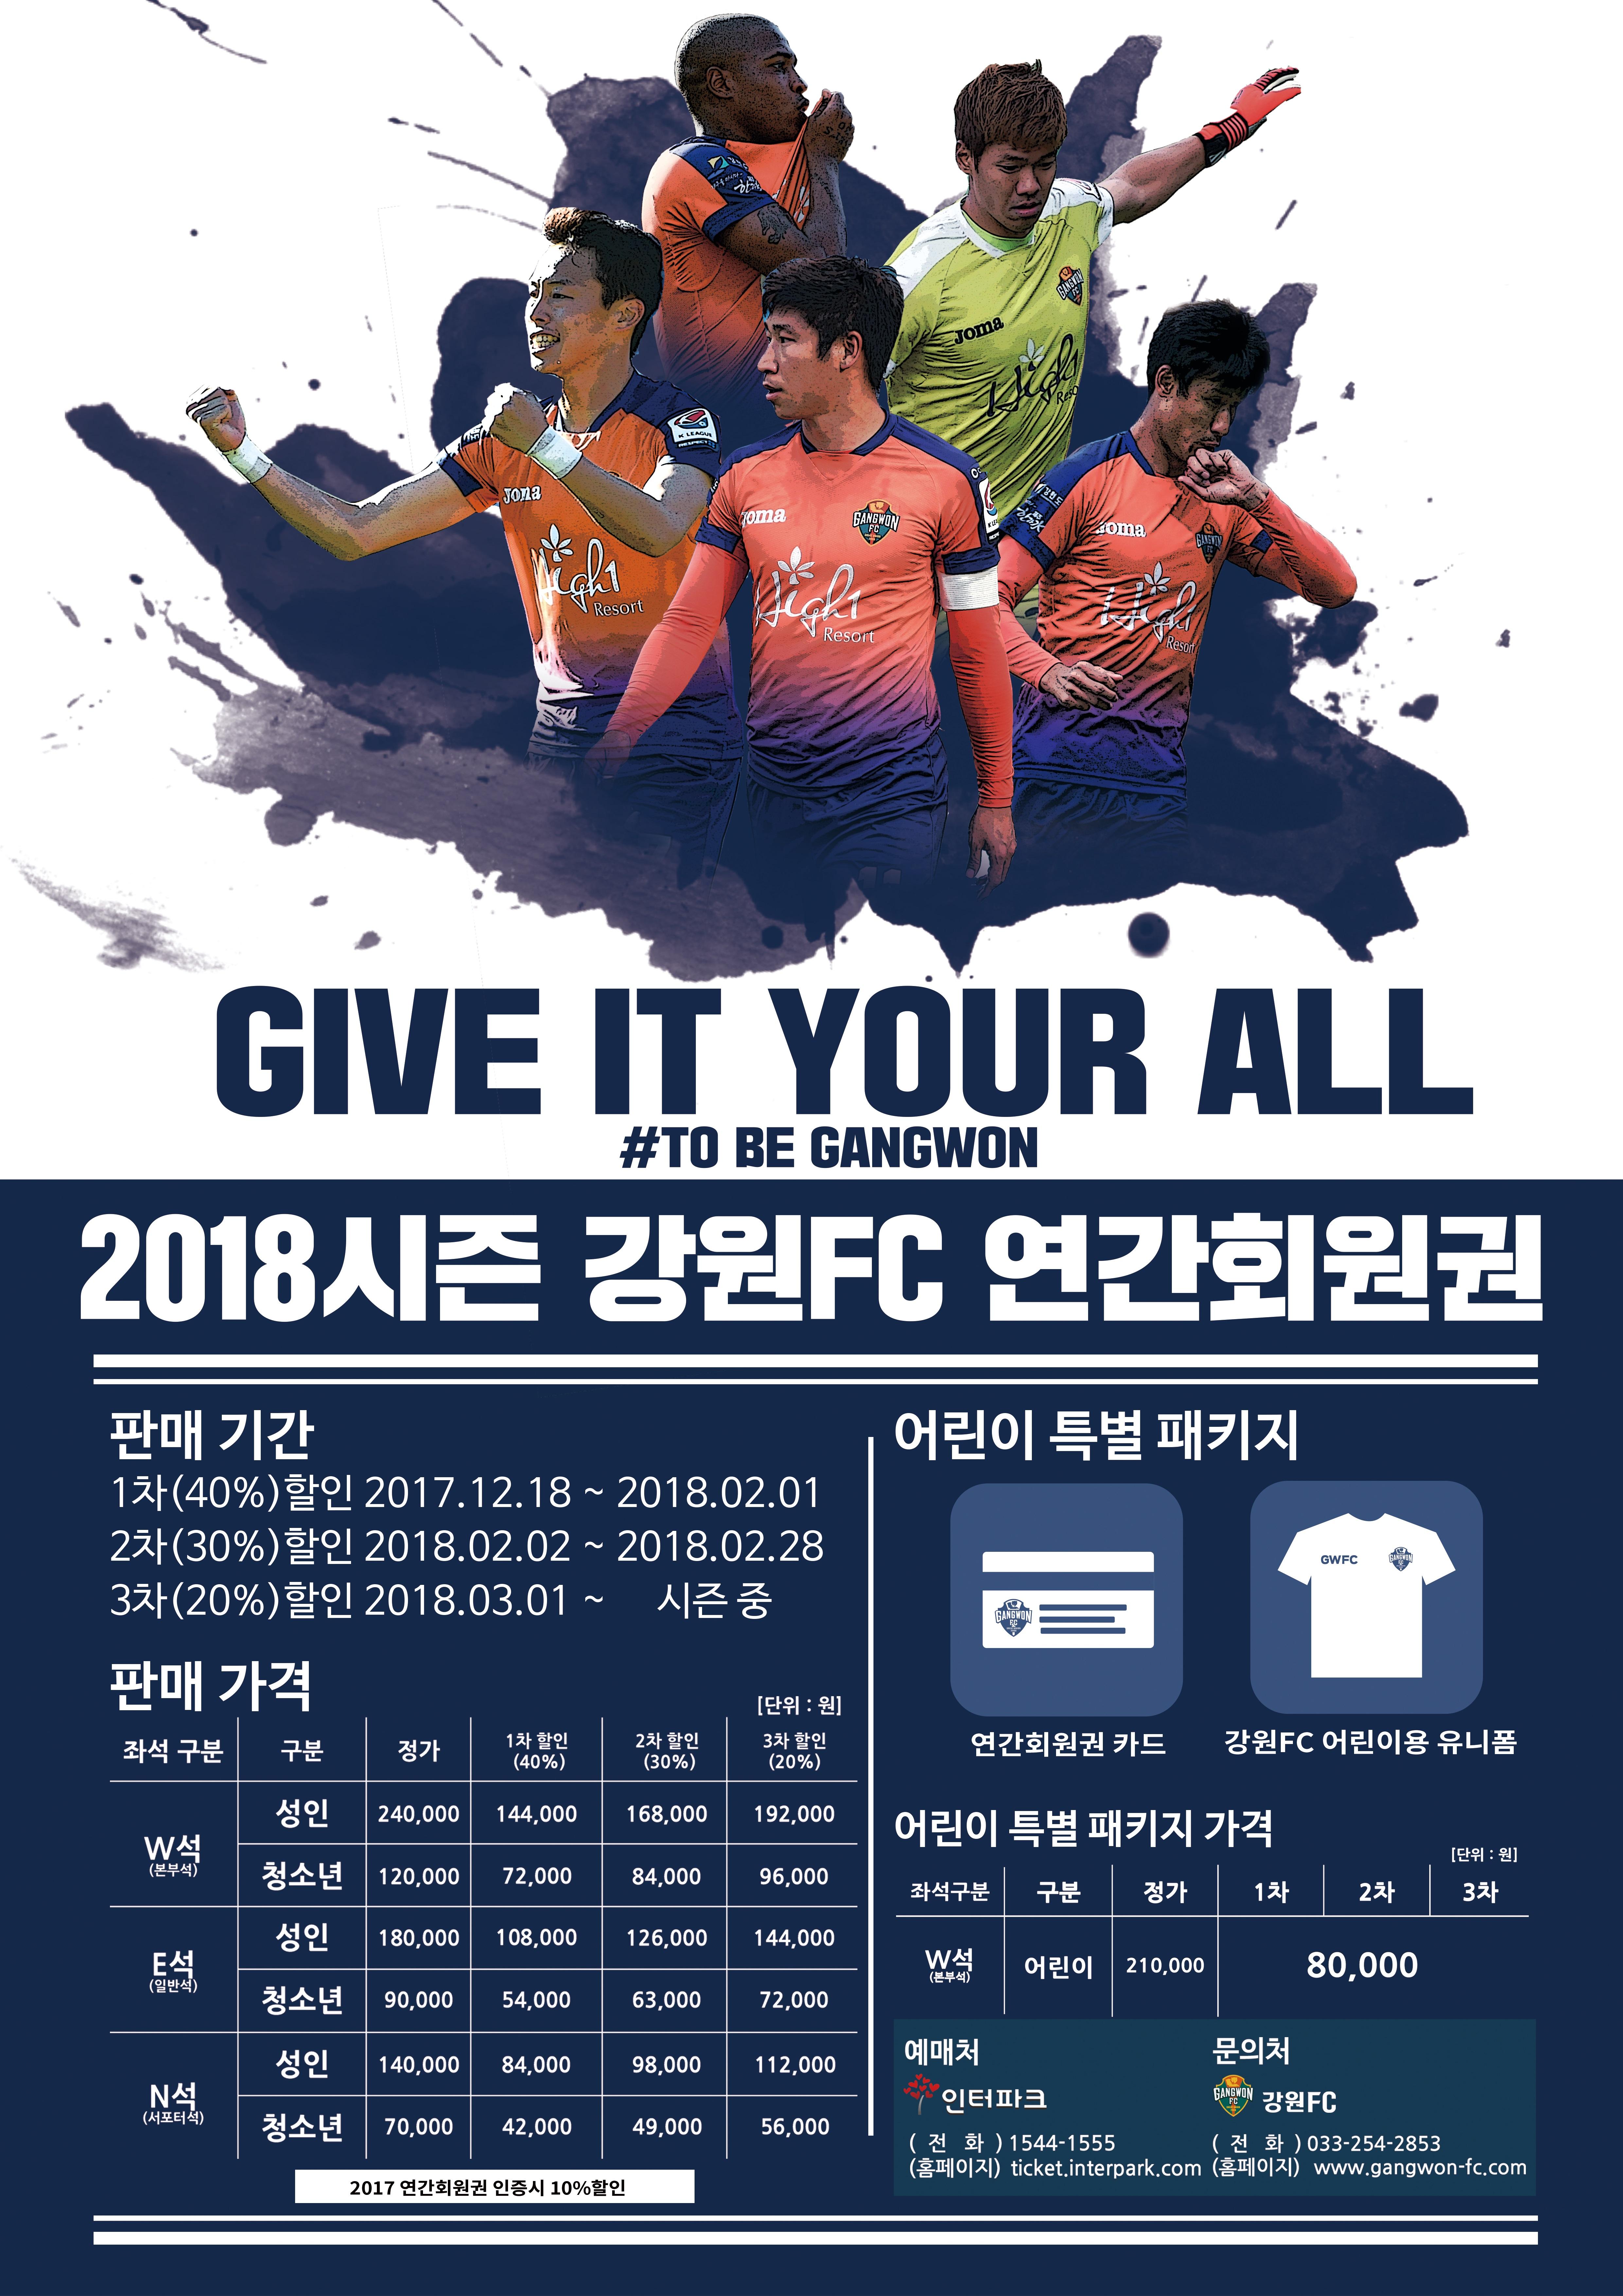 강원FC, '연간회원권 2+1 구매 이벤트' 마지막 기회